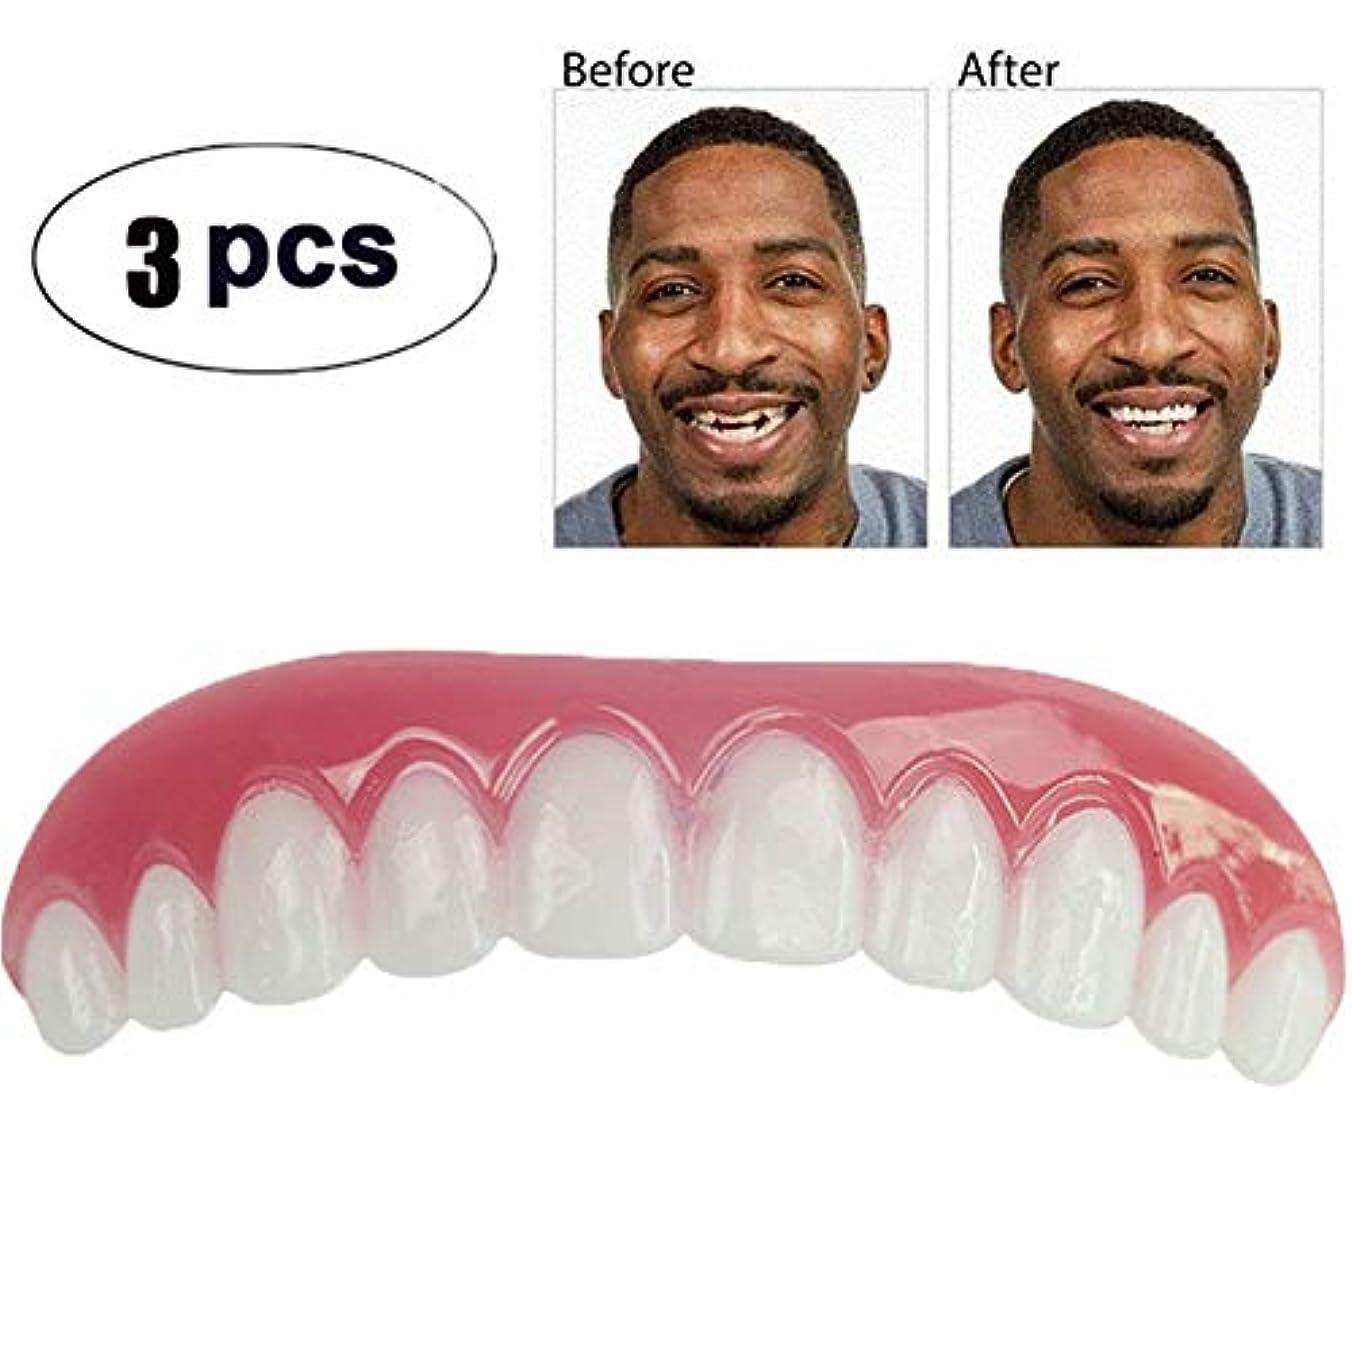 飢饉地理幸運な3枚の一時的な化粧品の歯入れ歯の歯の化粧品のシミュレーションの上部の袖口、白くなる歯のスナップの帽子の即刻の慰めの柔らかい完全なベニヤ